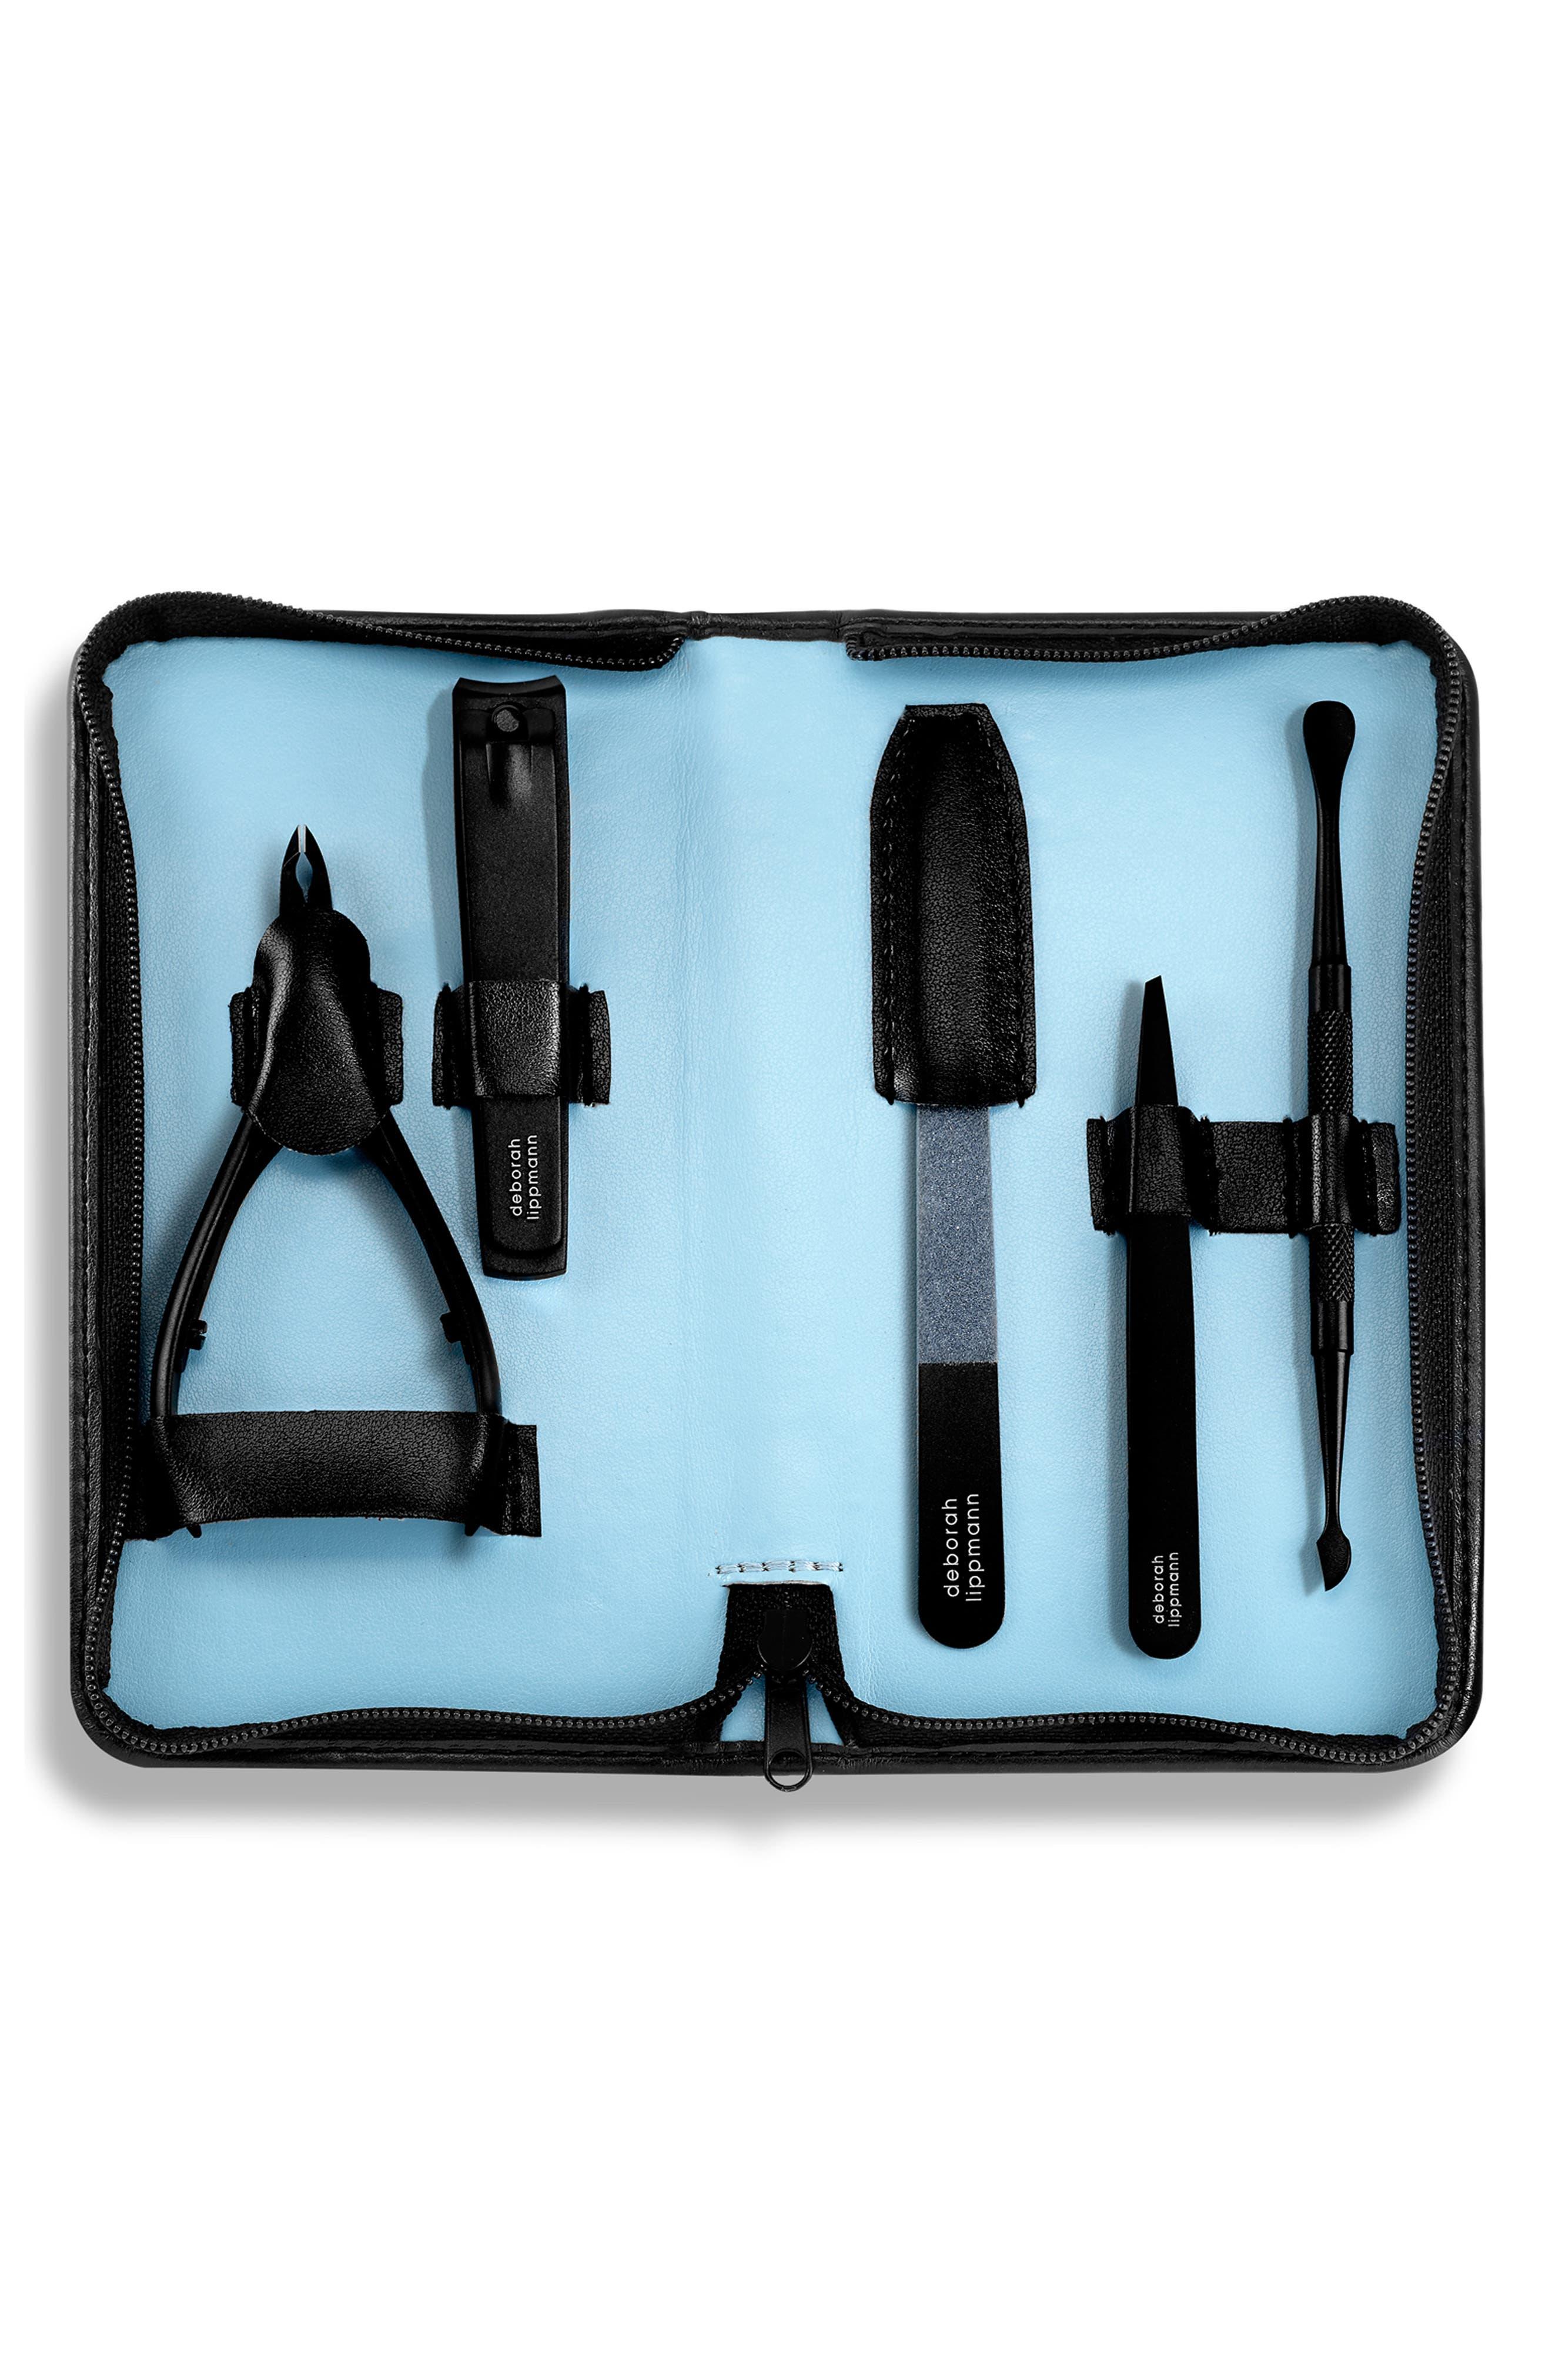 Instruments Manicure Set